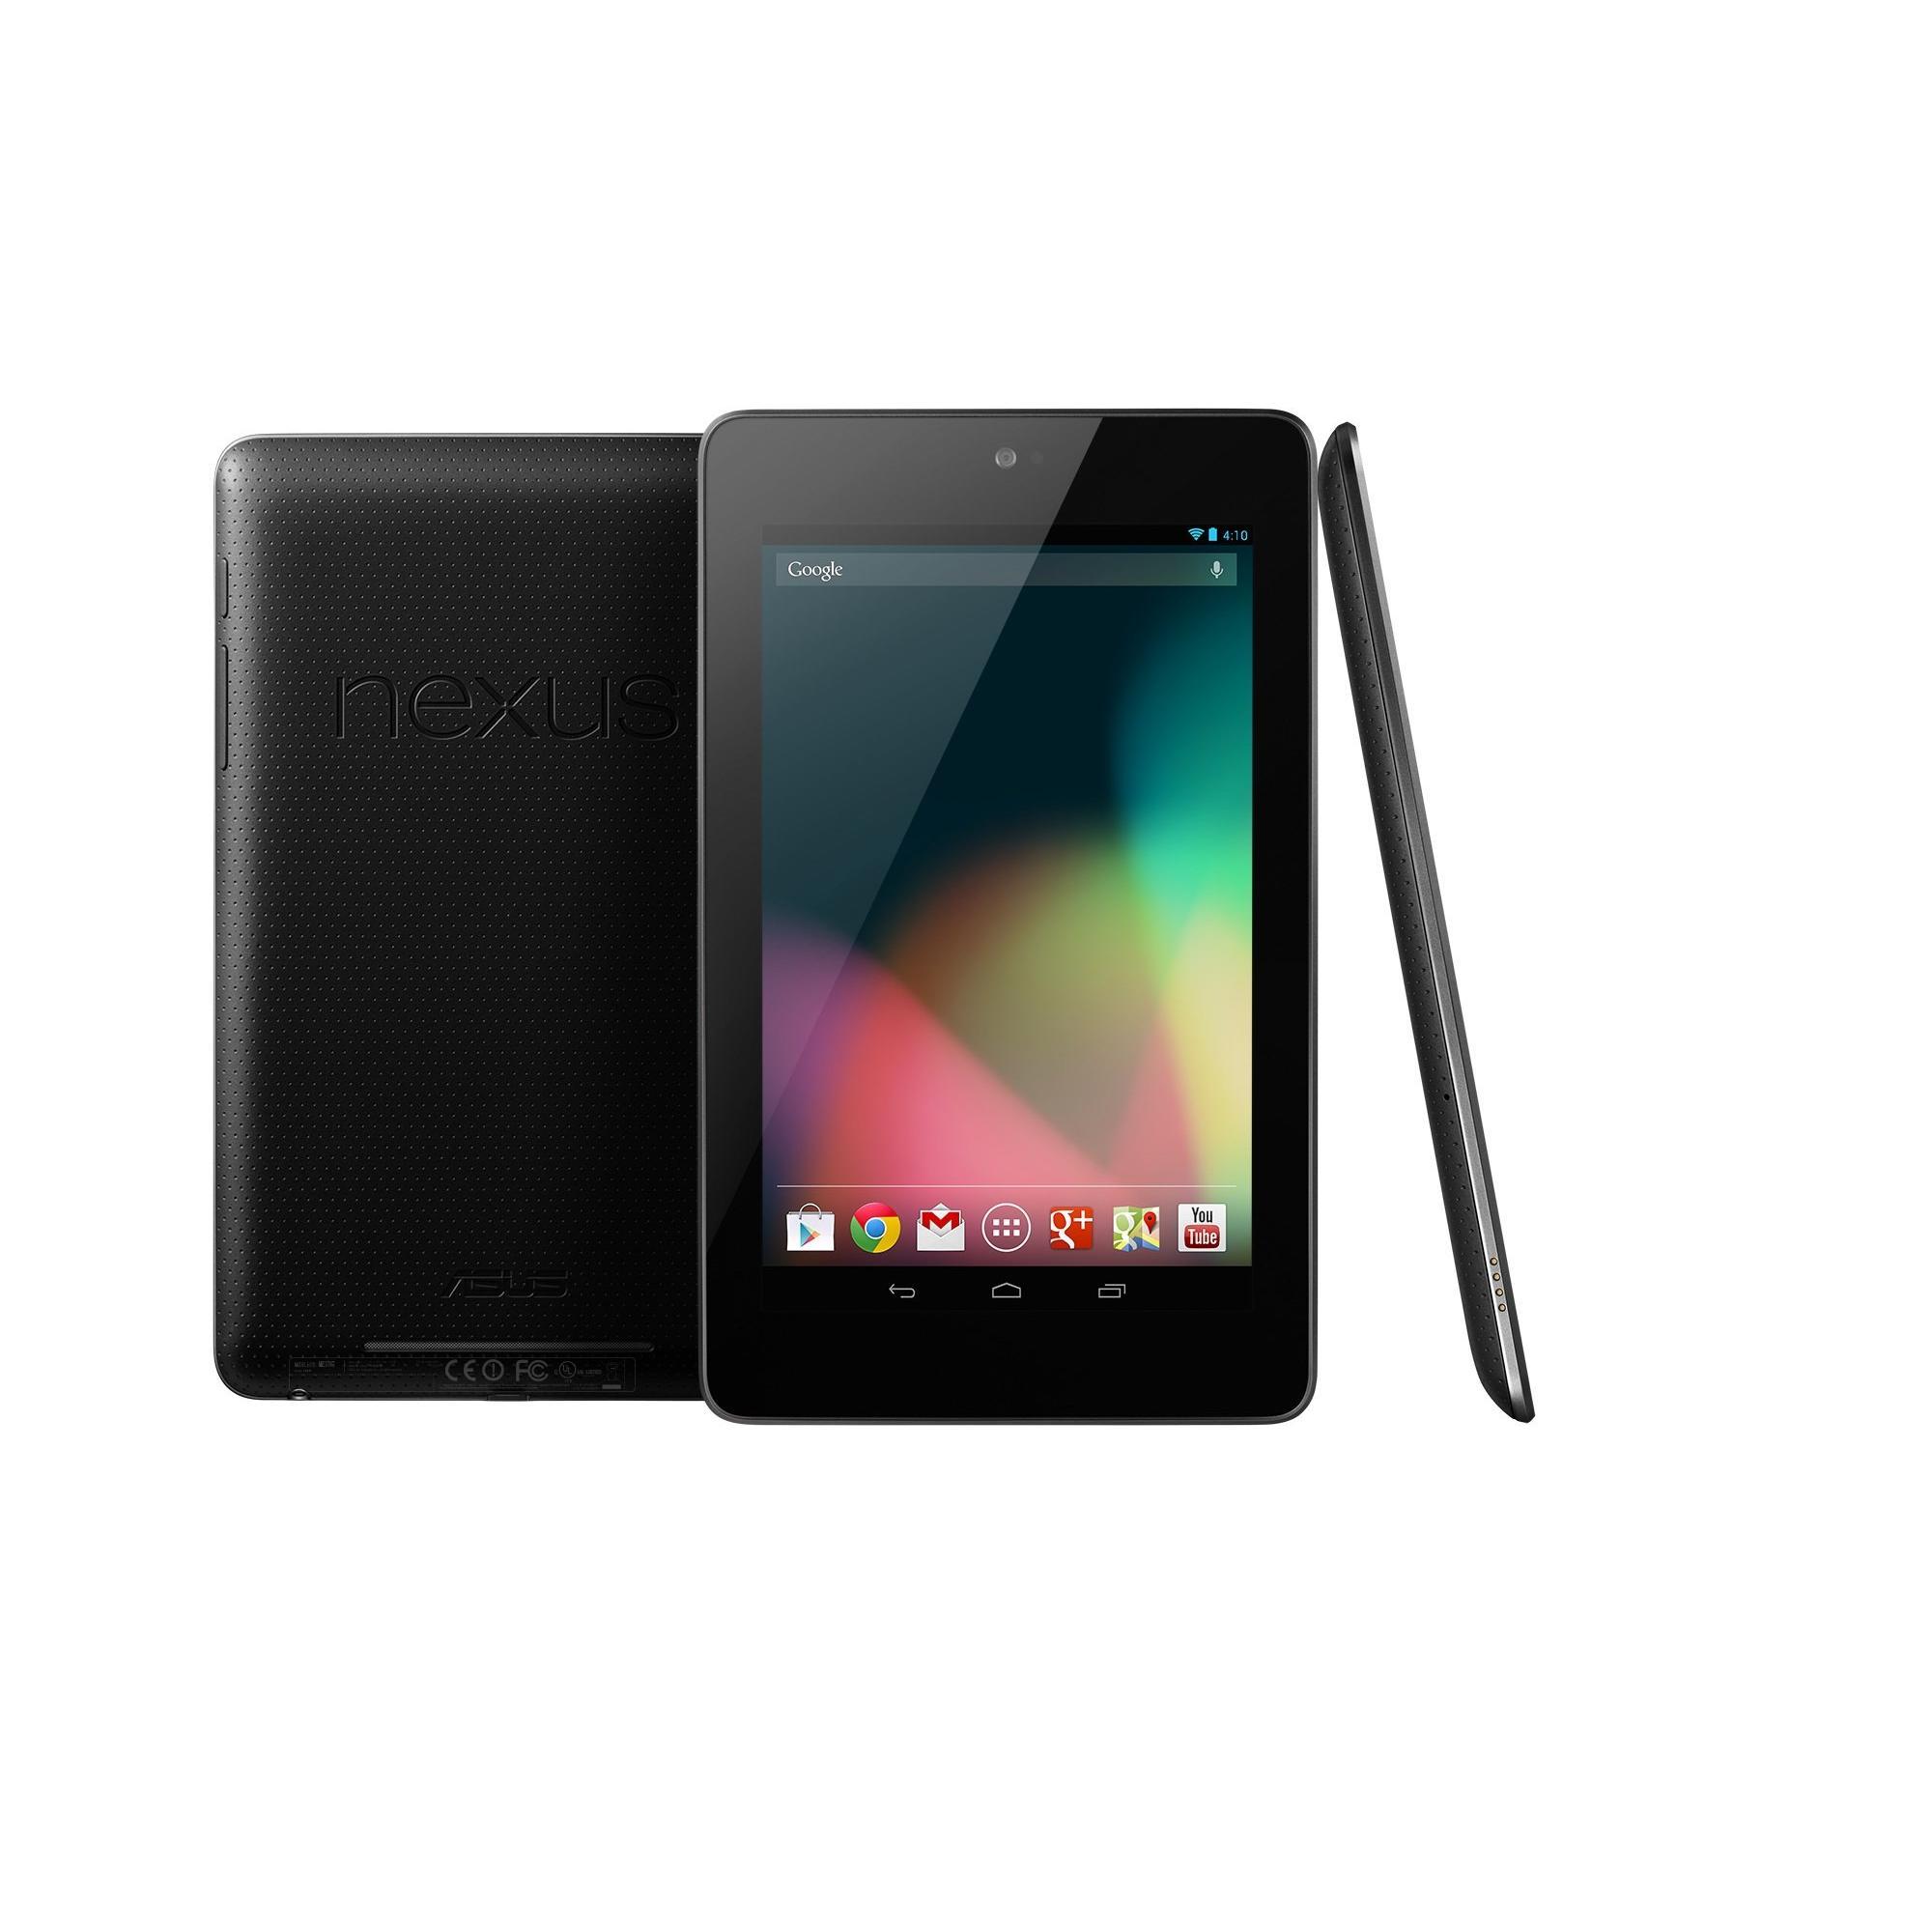 Asus Nexus 7 32 GB - 3G - Negro - Libre